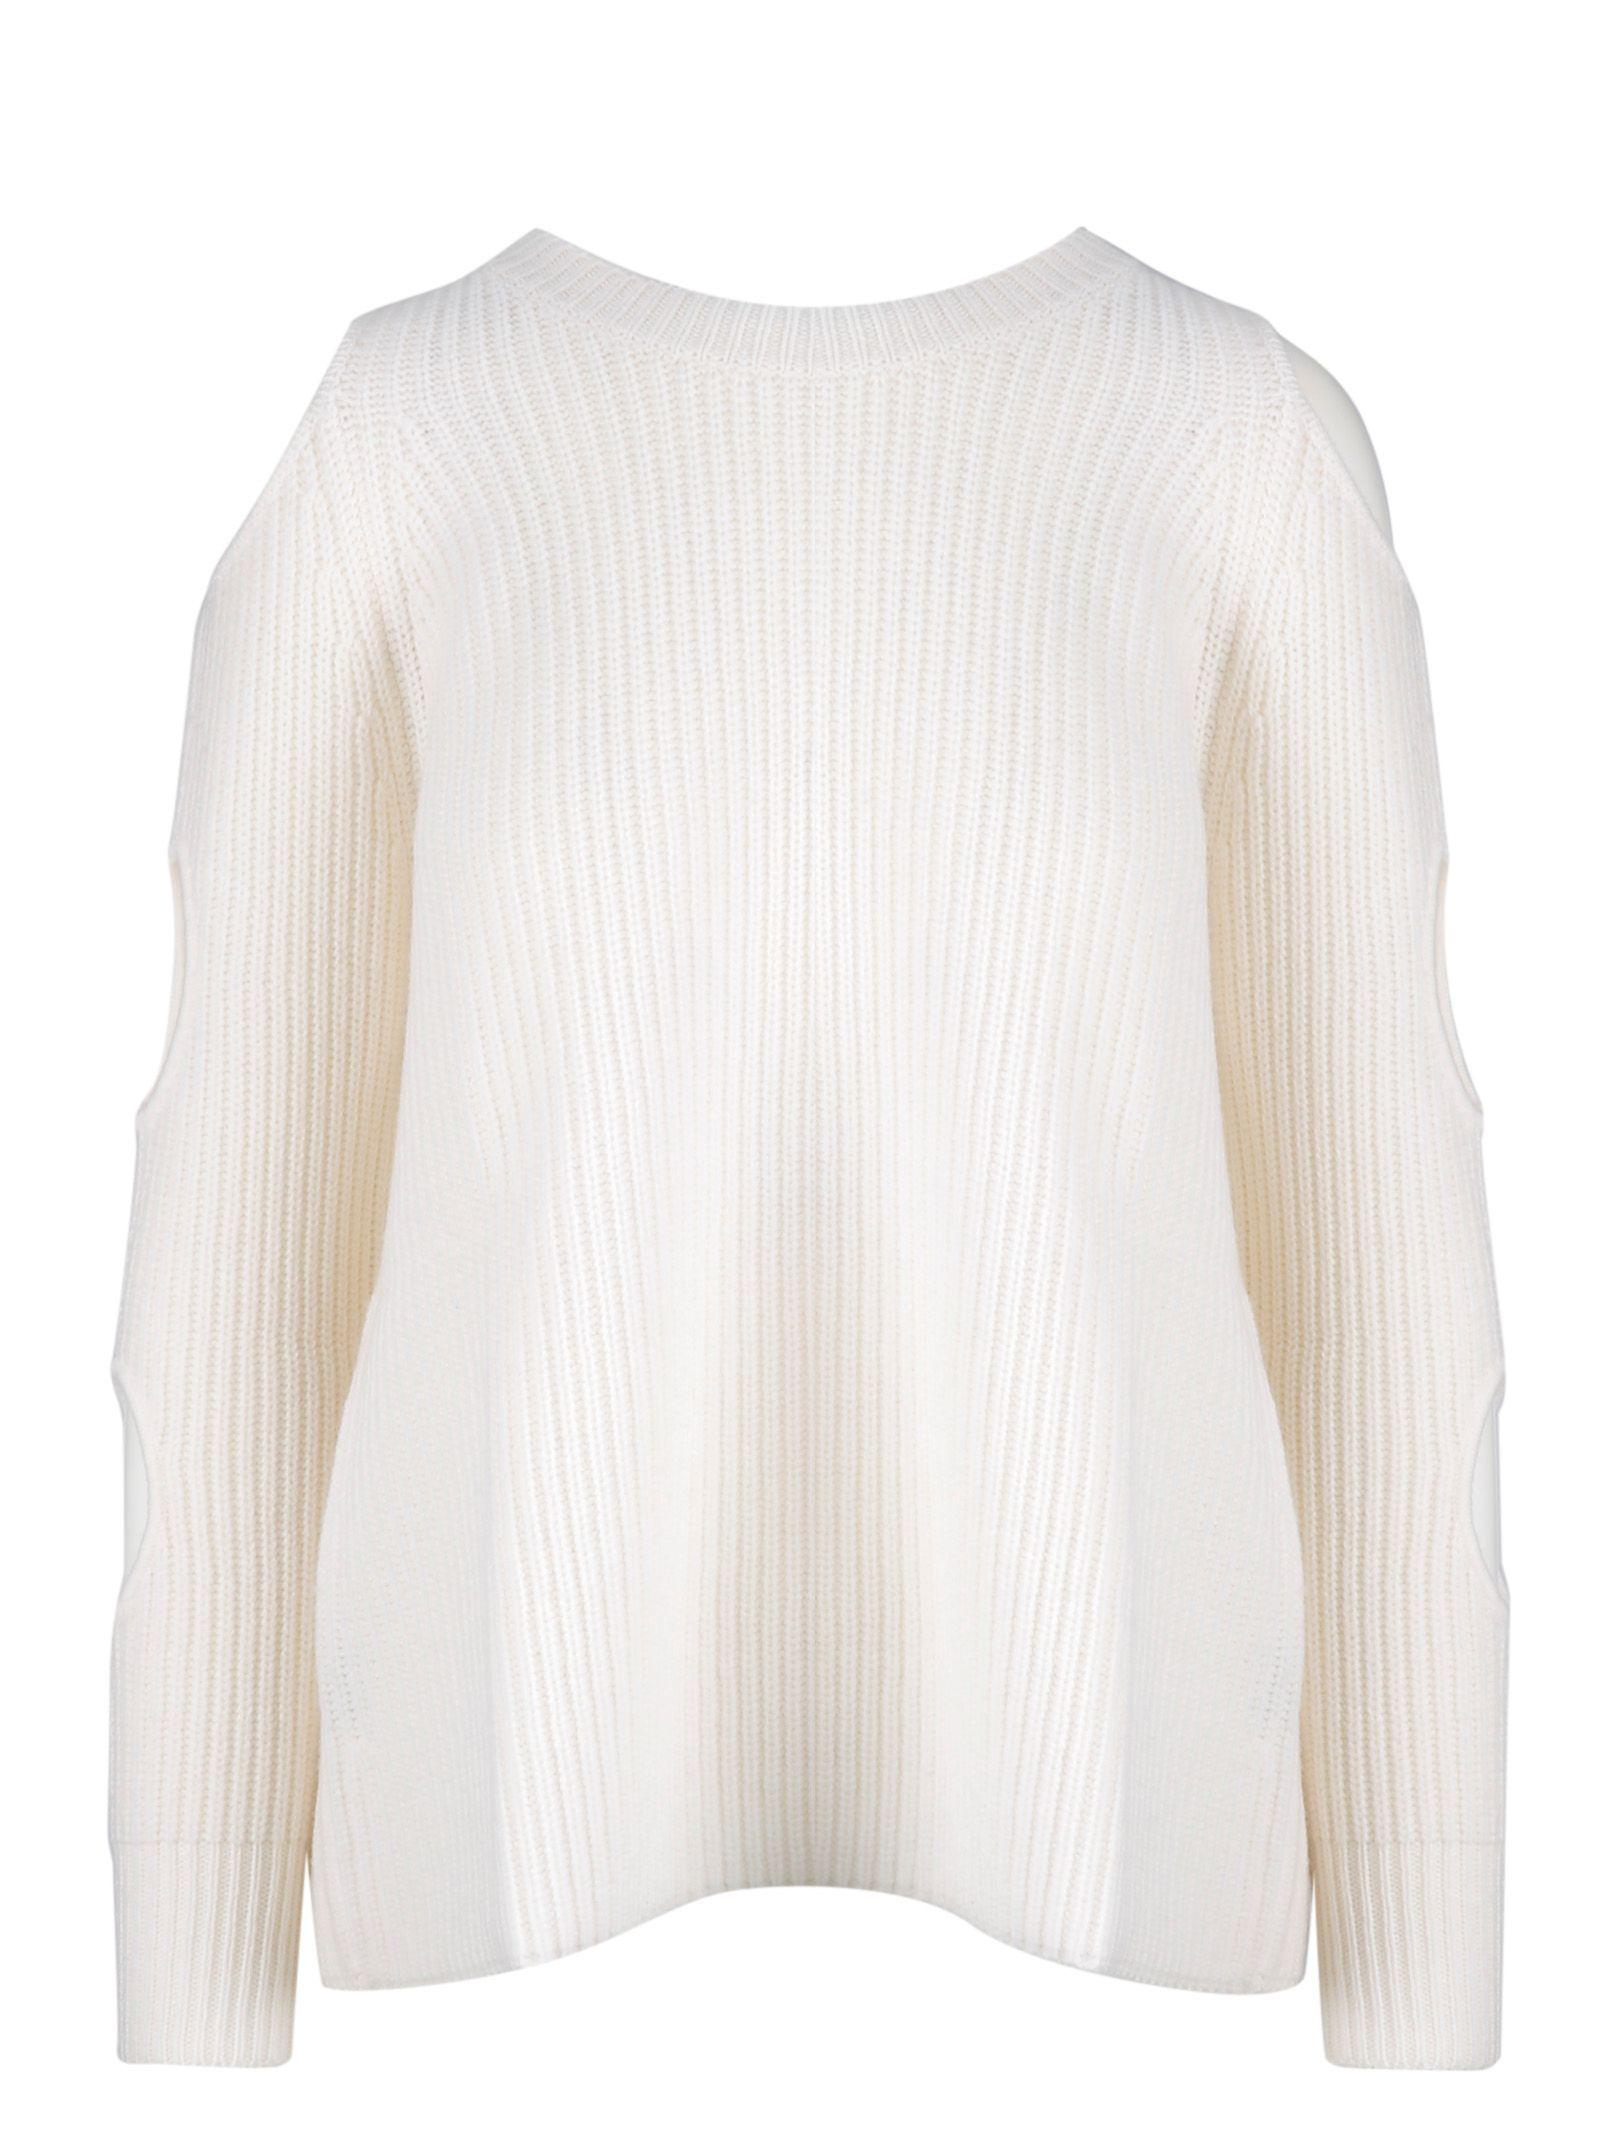 d7842c278cb1 Lyst - Zoe Jordan White Wool Sweater in White